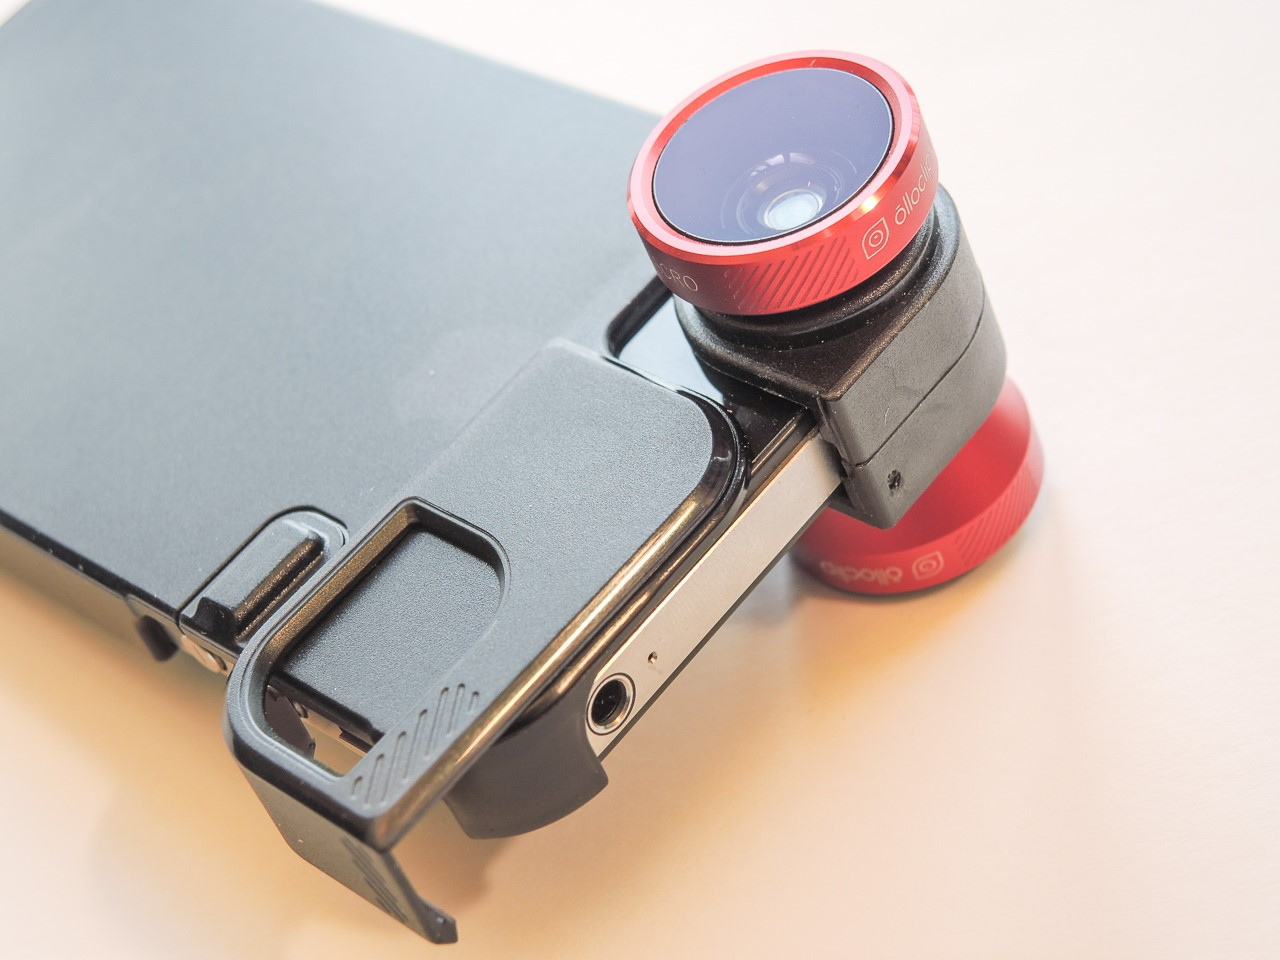 L2F Apr 14 pic cameraphones Olloclip